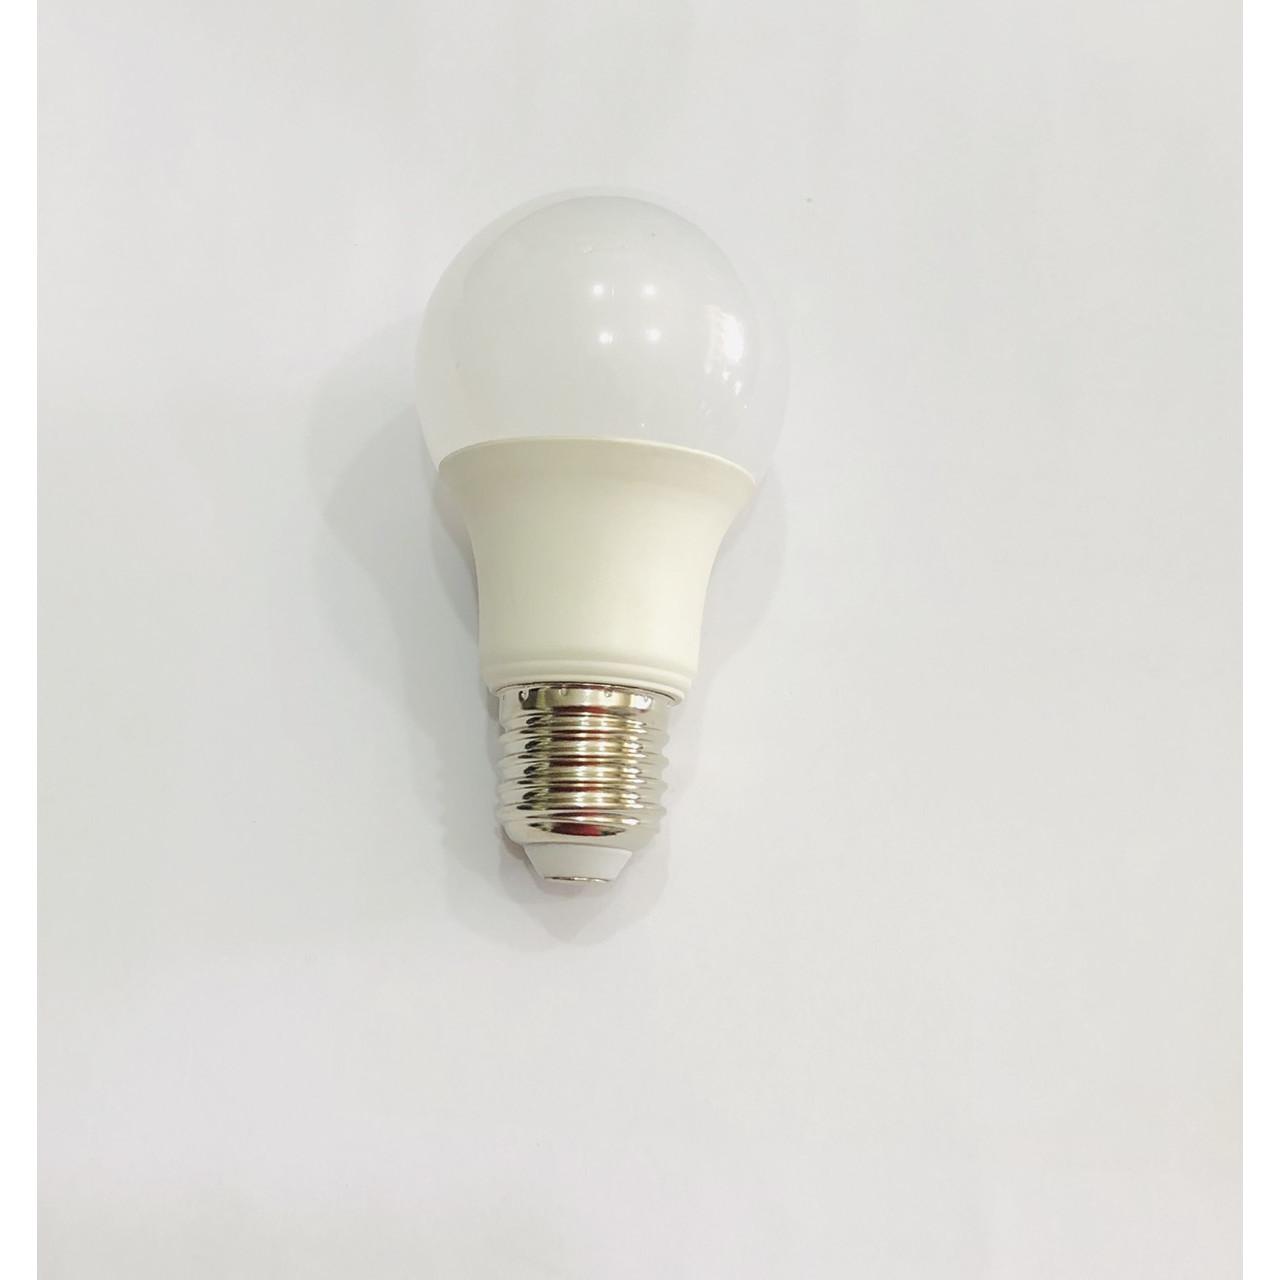 Bóng led bulb 7W cao cấp, ánh sáng trắng, đuôi e27